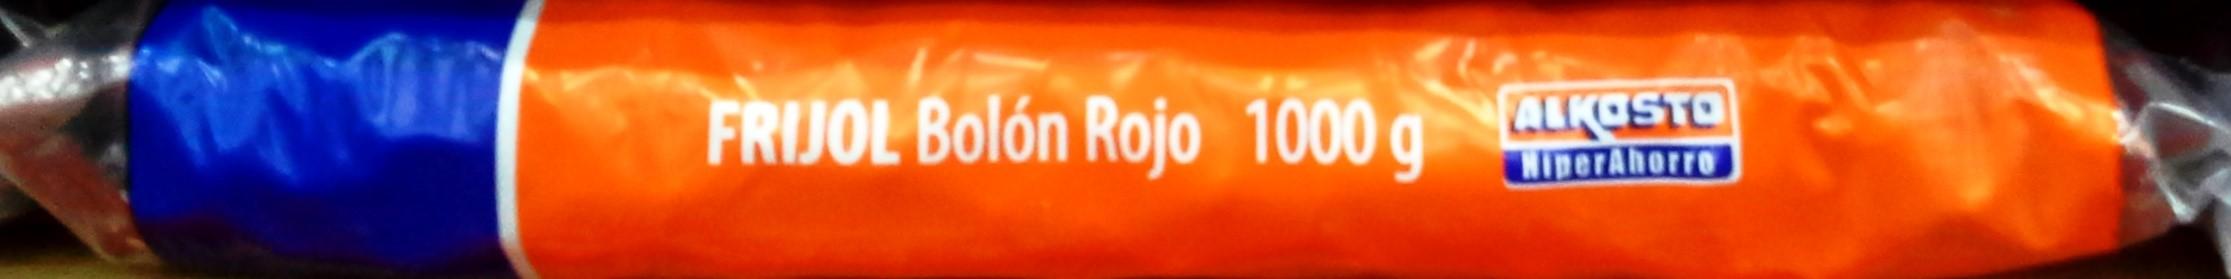 Frijol Bolon Rojo Alkosto 1k